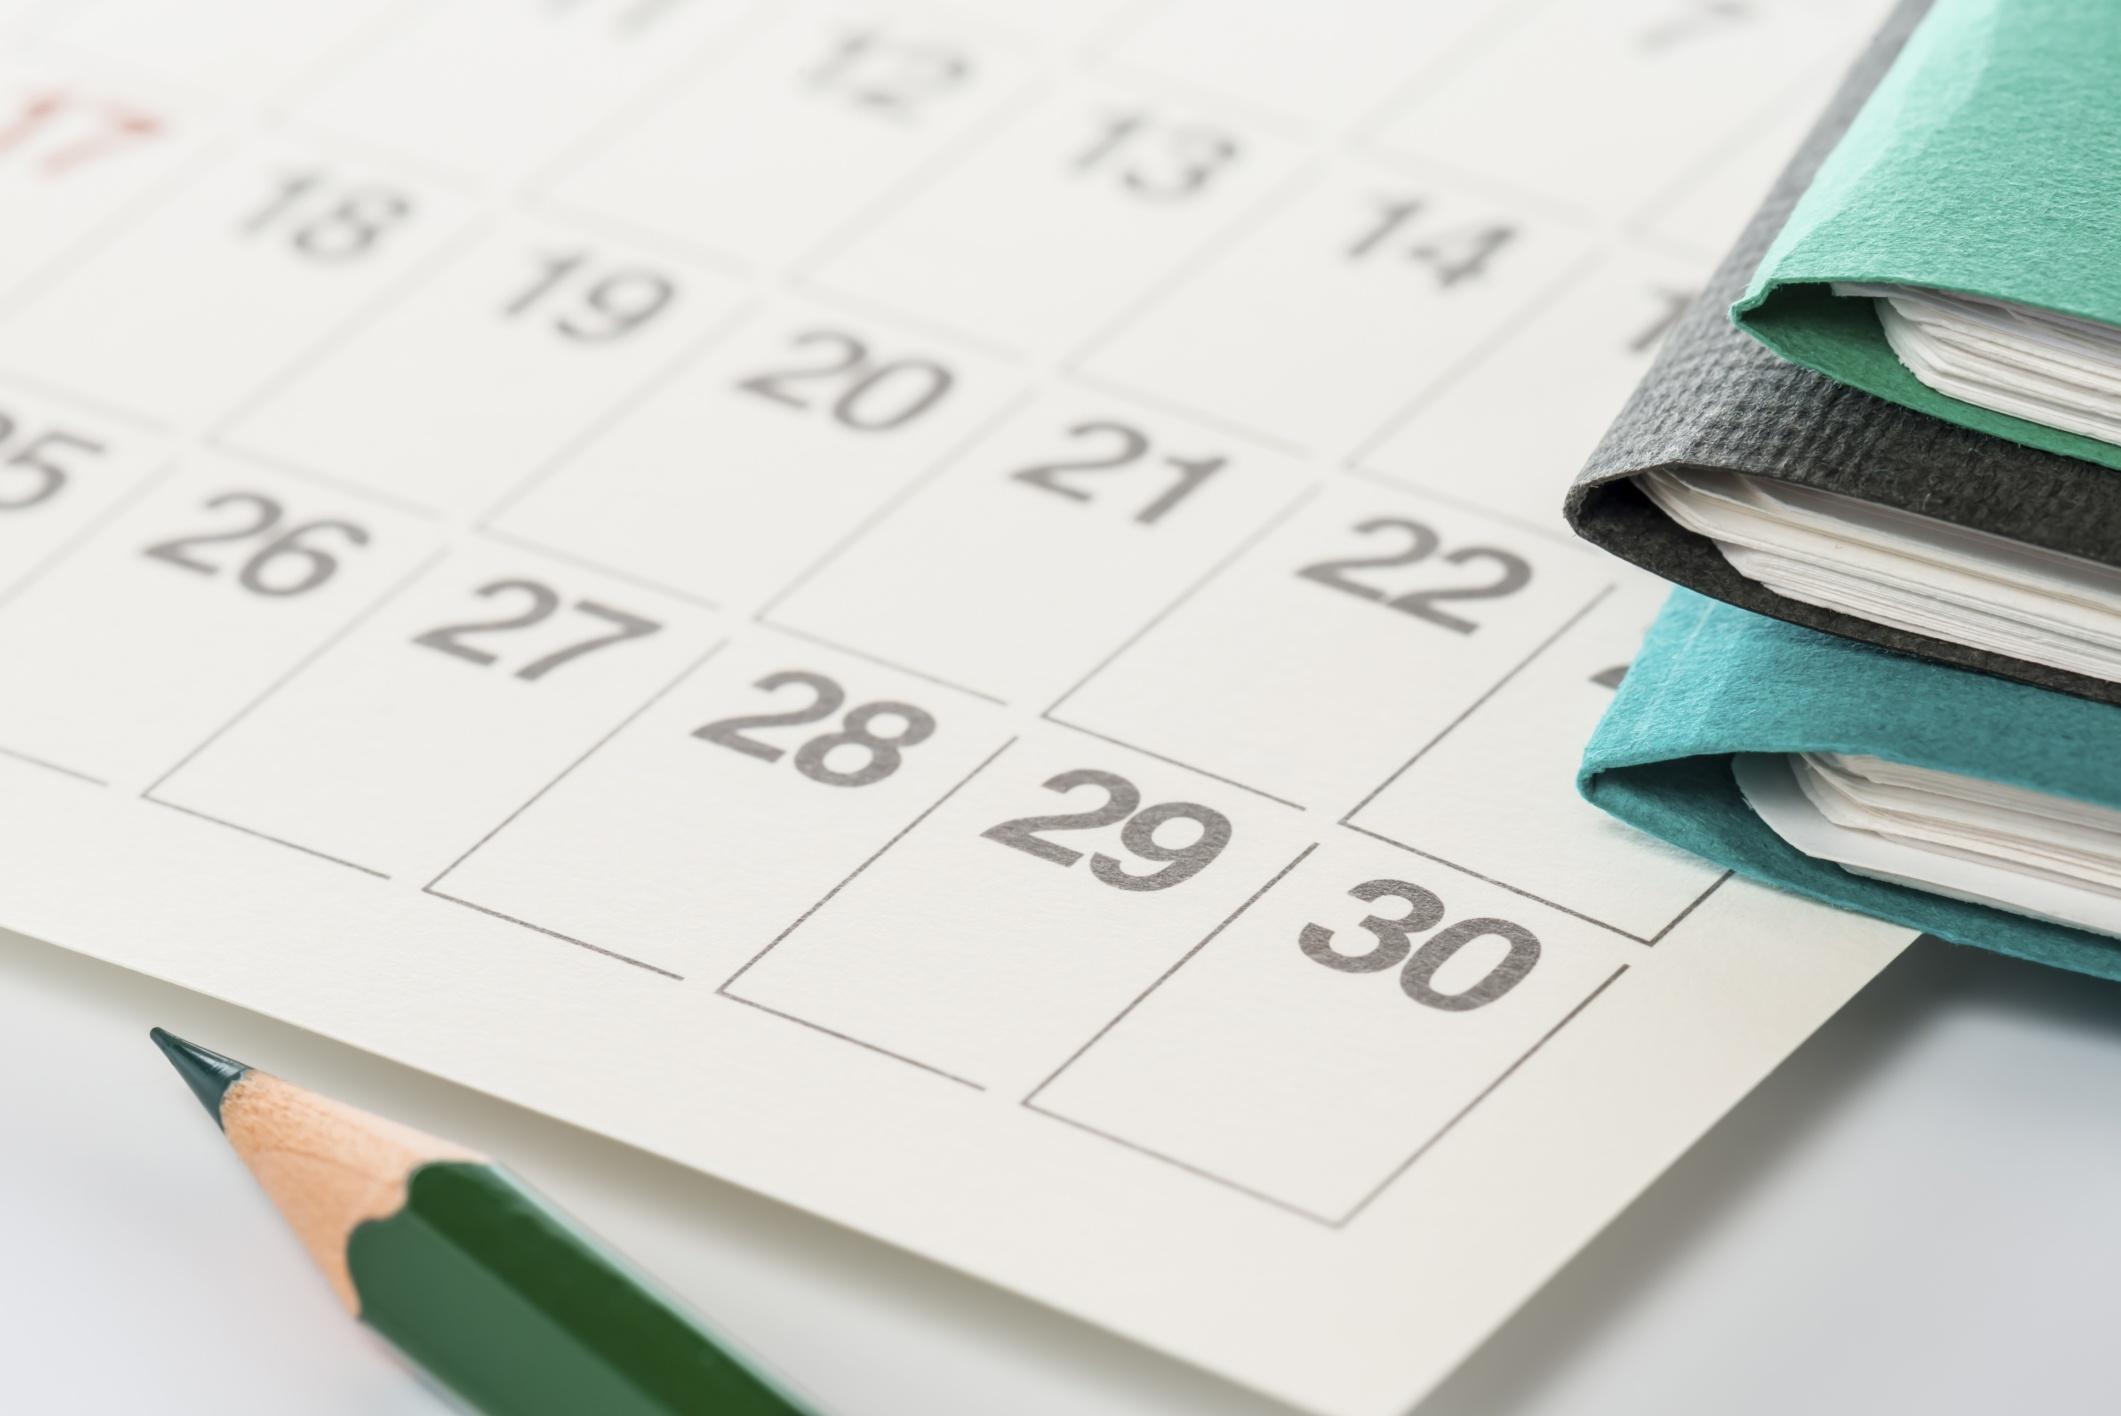 How To Print Your Windows 10 Calendar | Digital Care_Calendar Printing Software For Windows 10